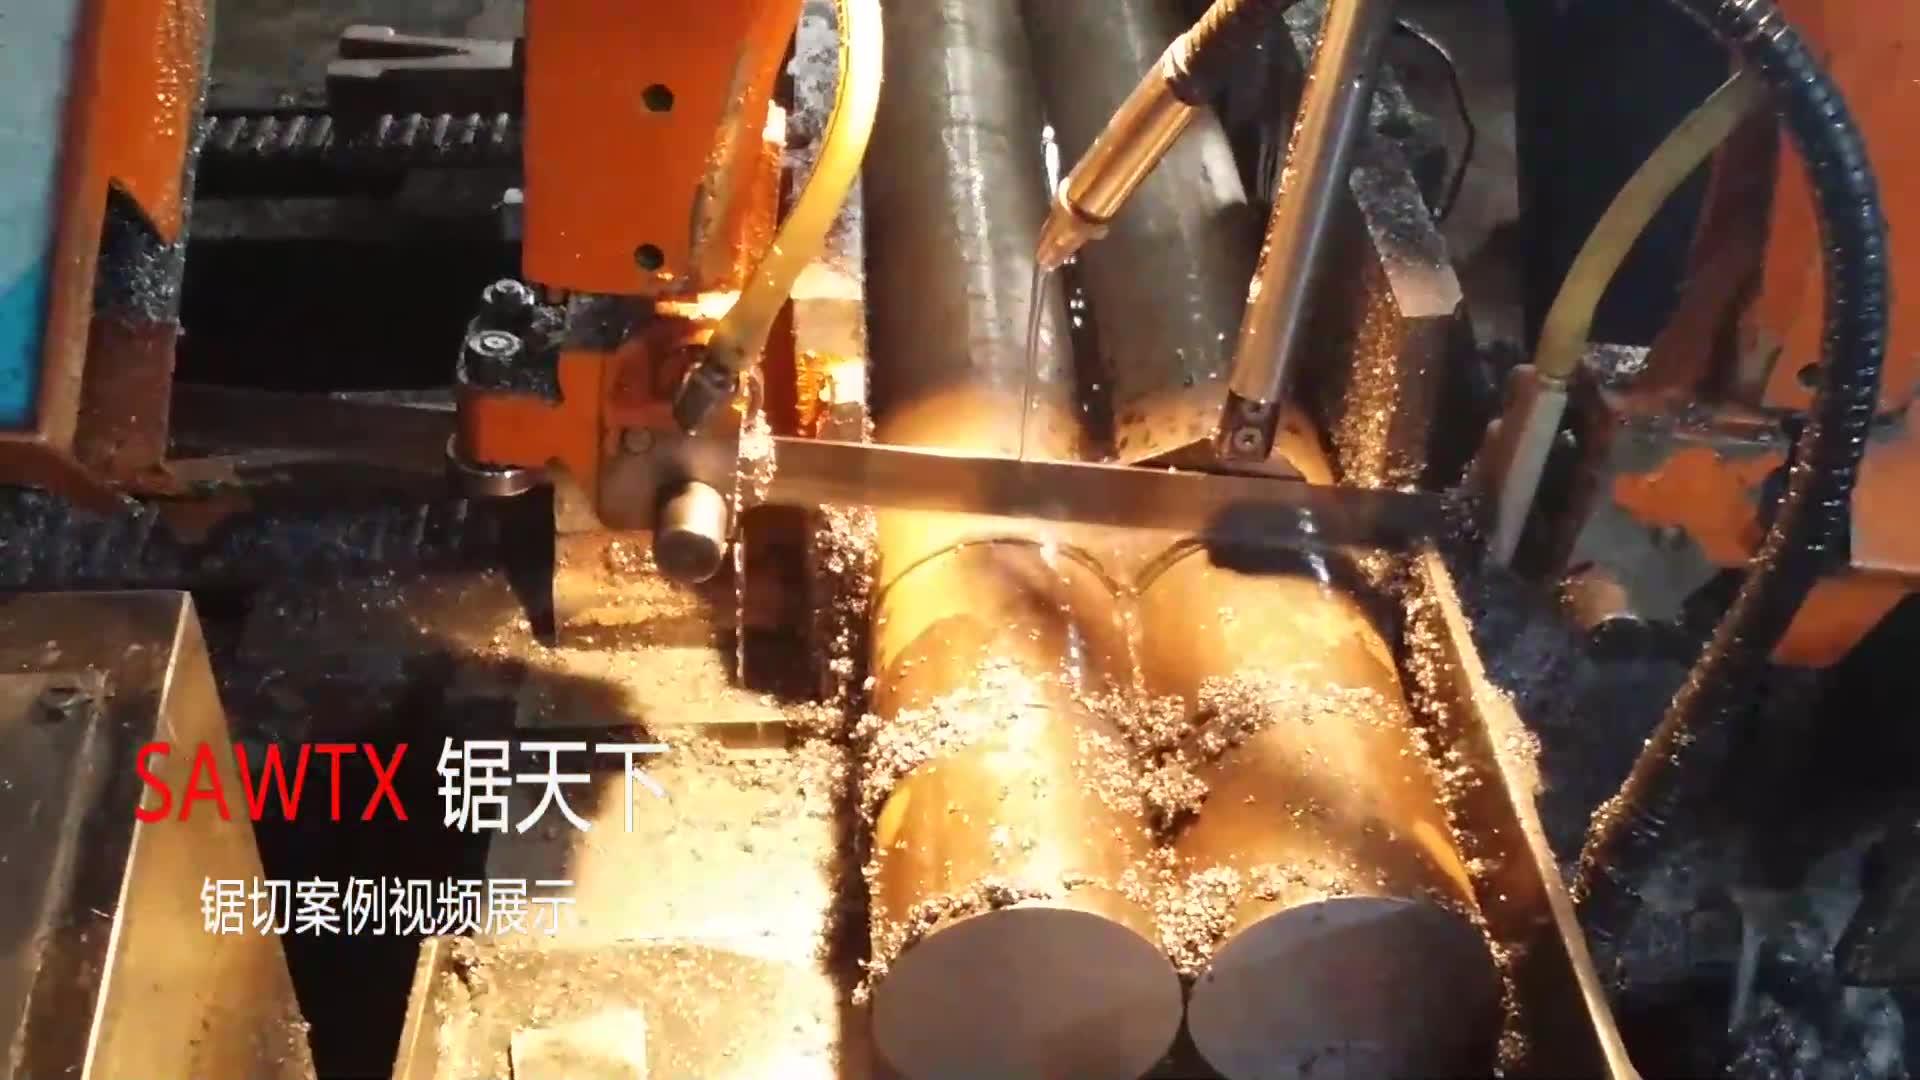 BFJY北方锯业V6-GZK4025数控带锯床合金钢锯切现场